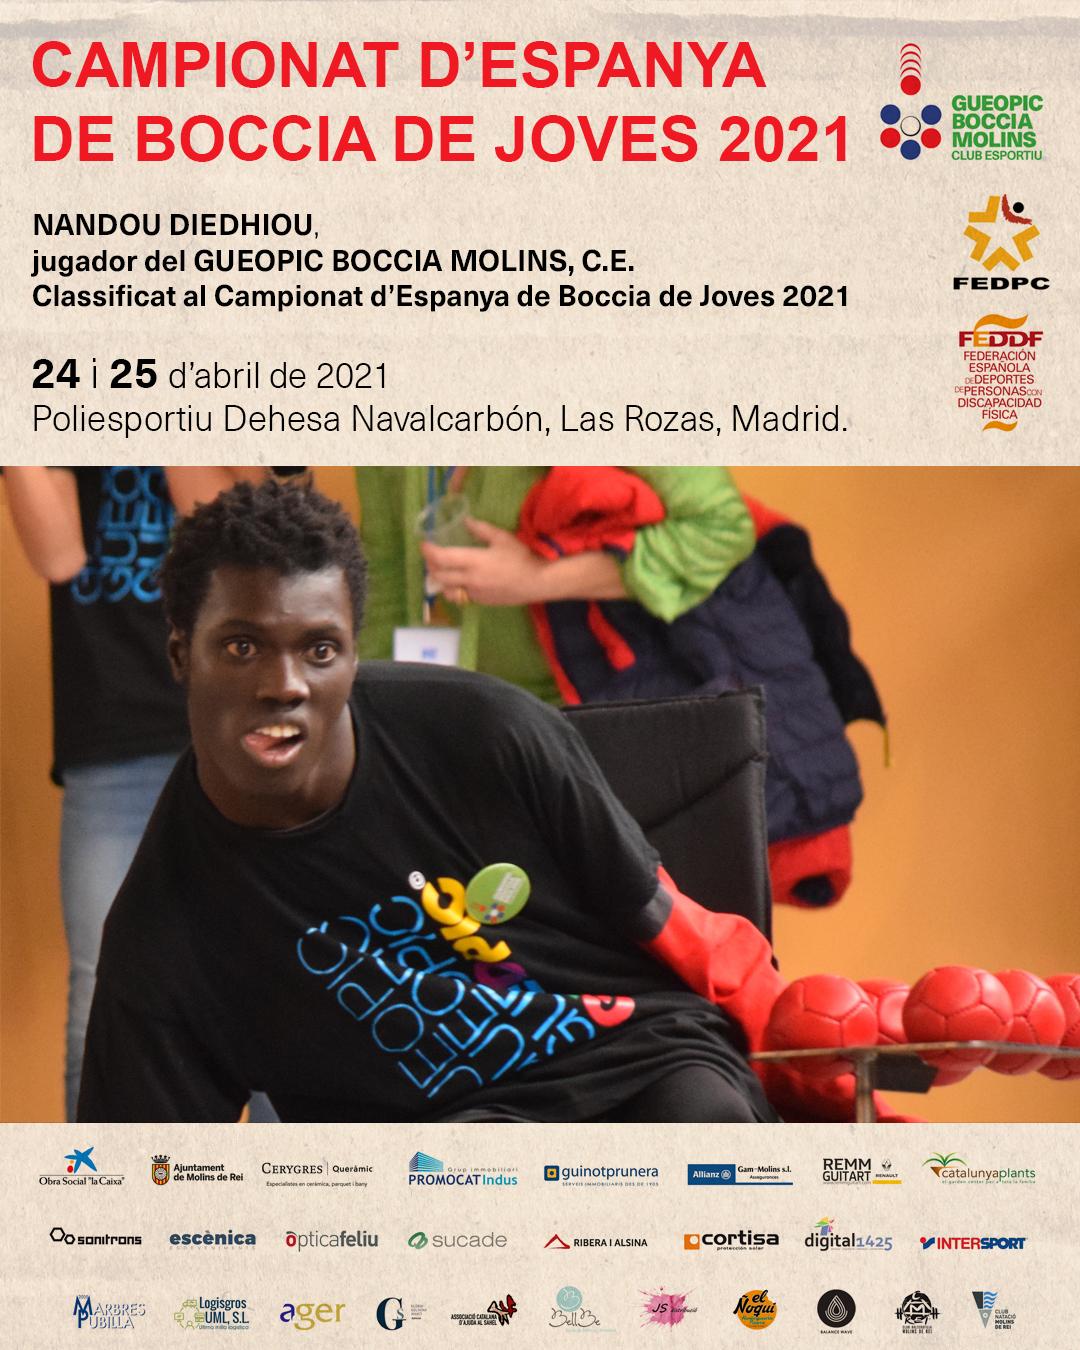 CAMPIONAT D'ESPANYA BOCCIA JOVES